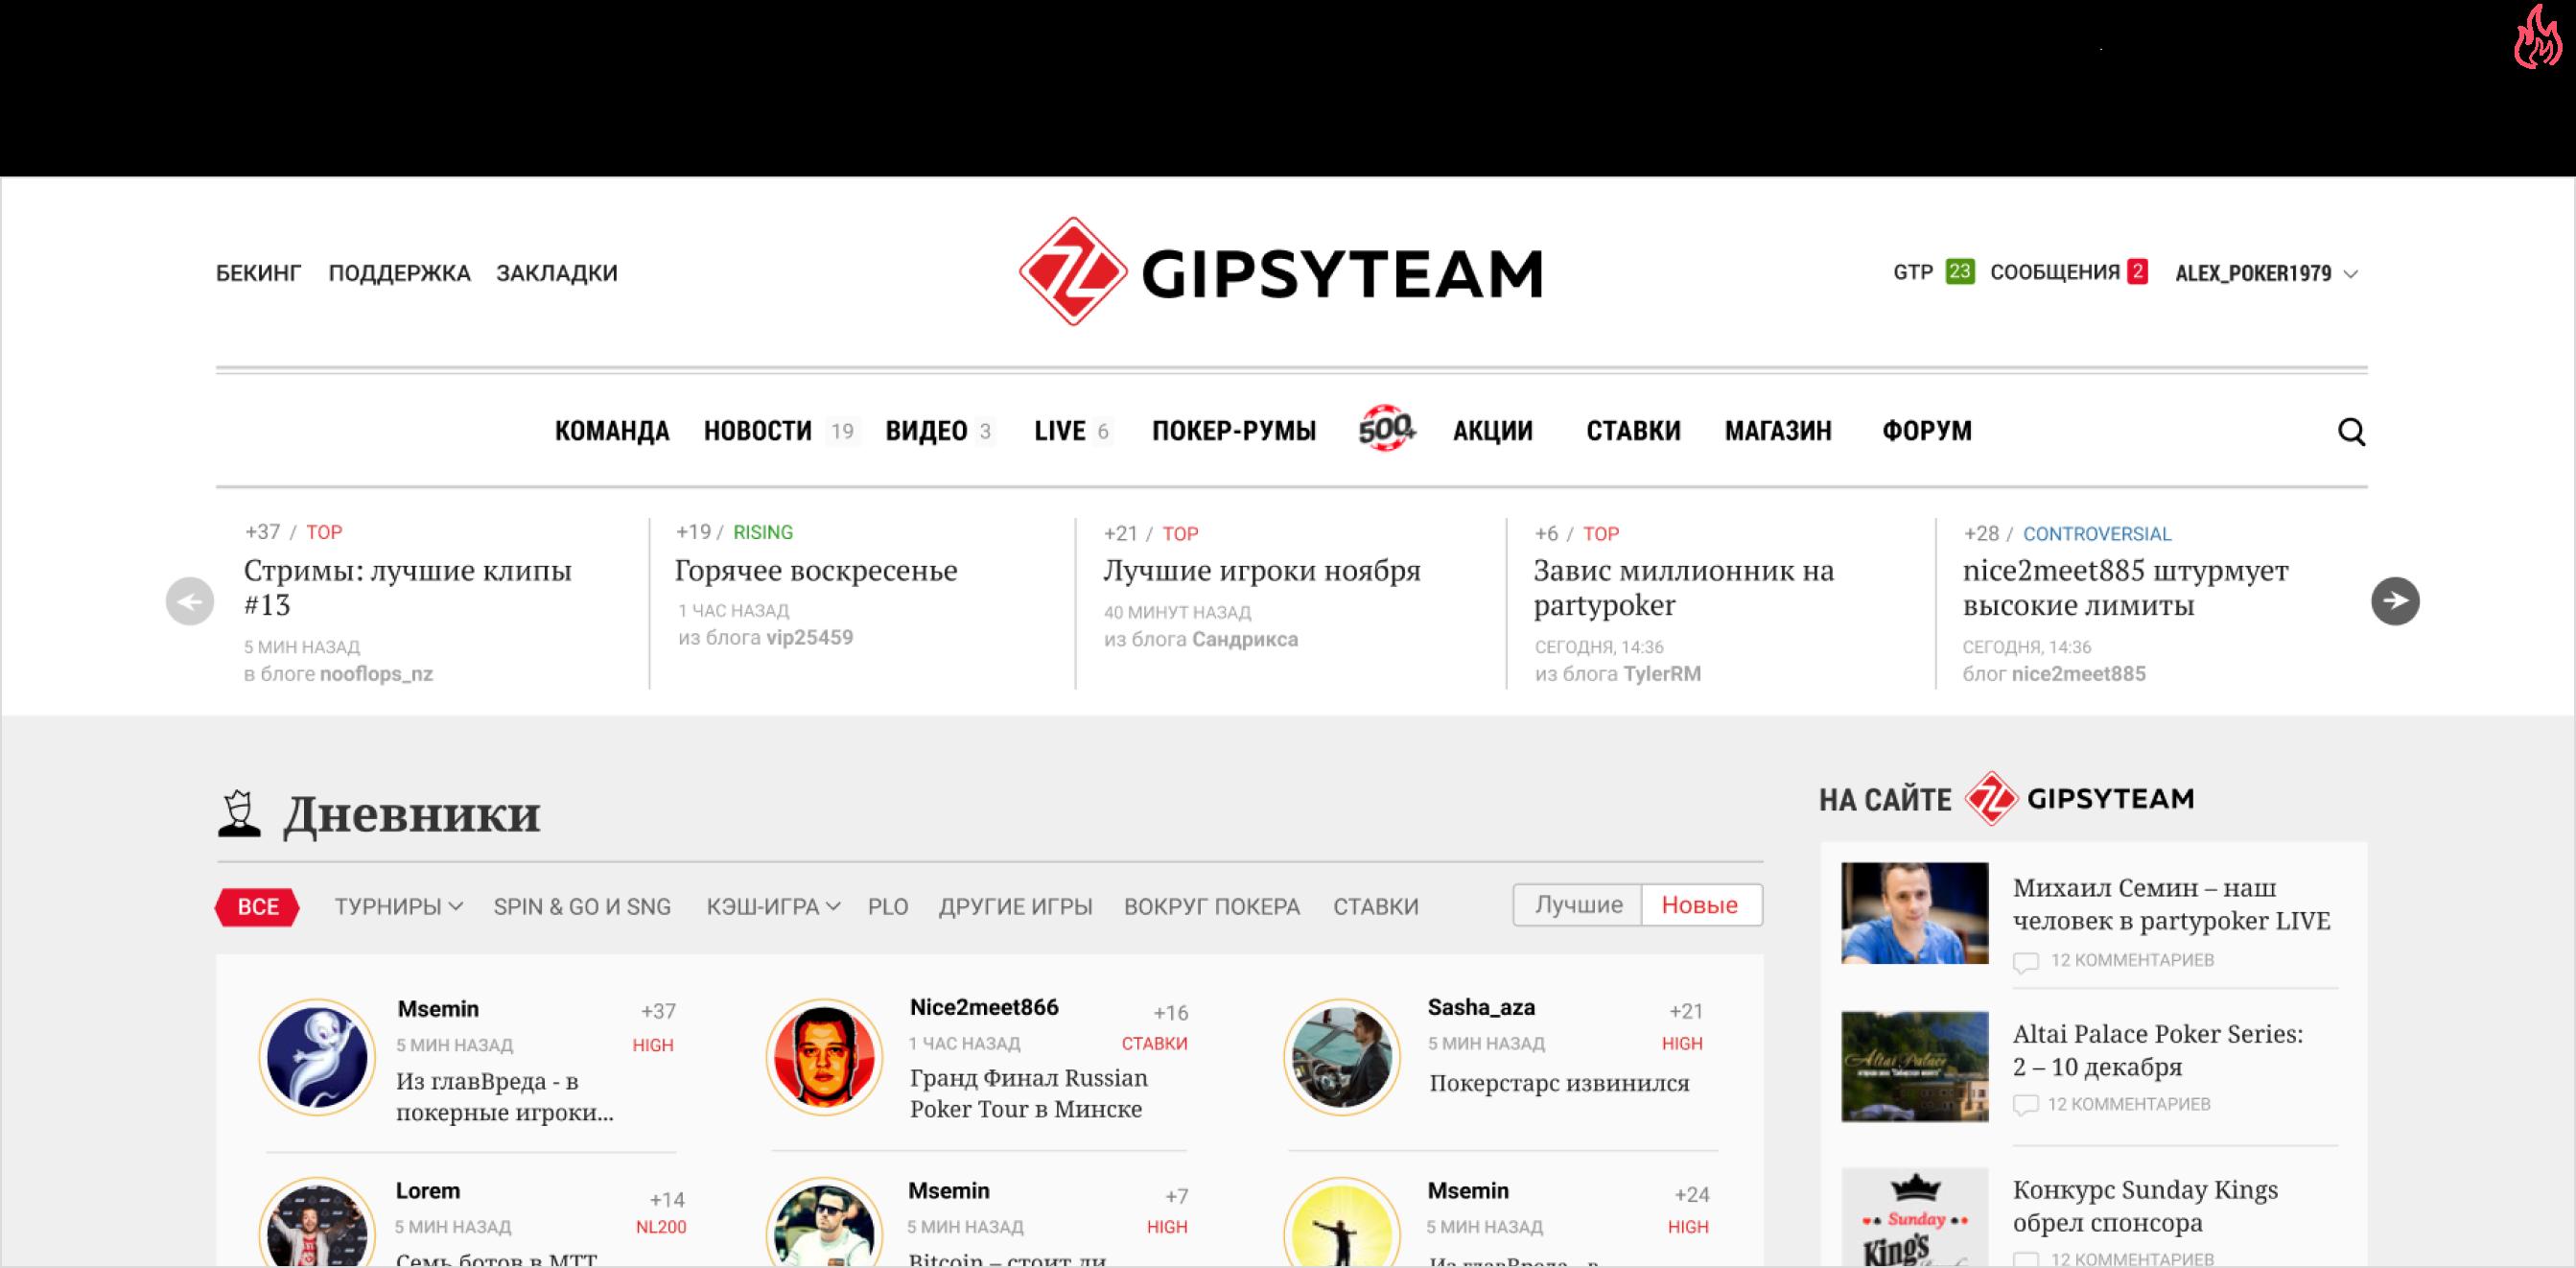 Gipsyteam - обложка